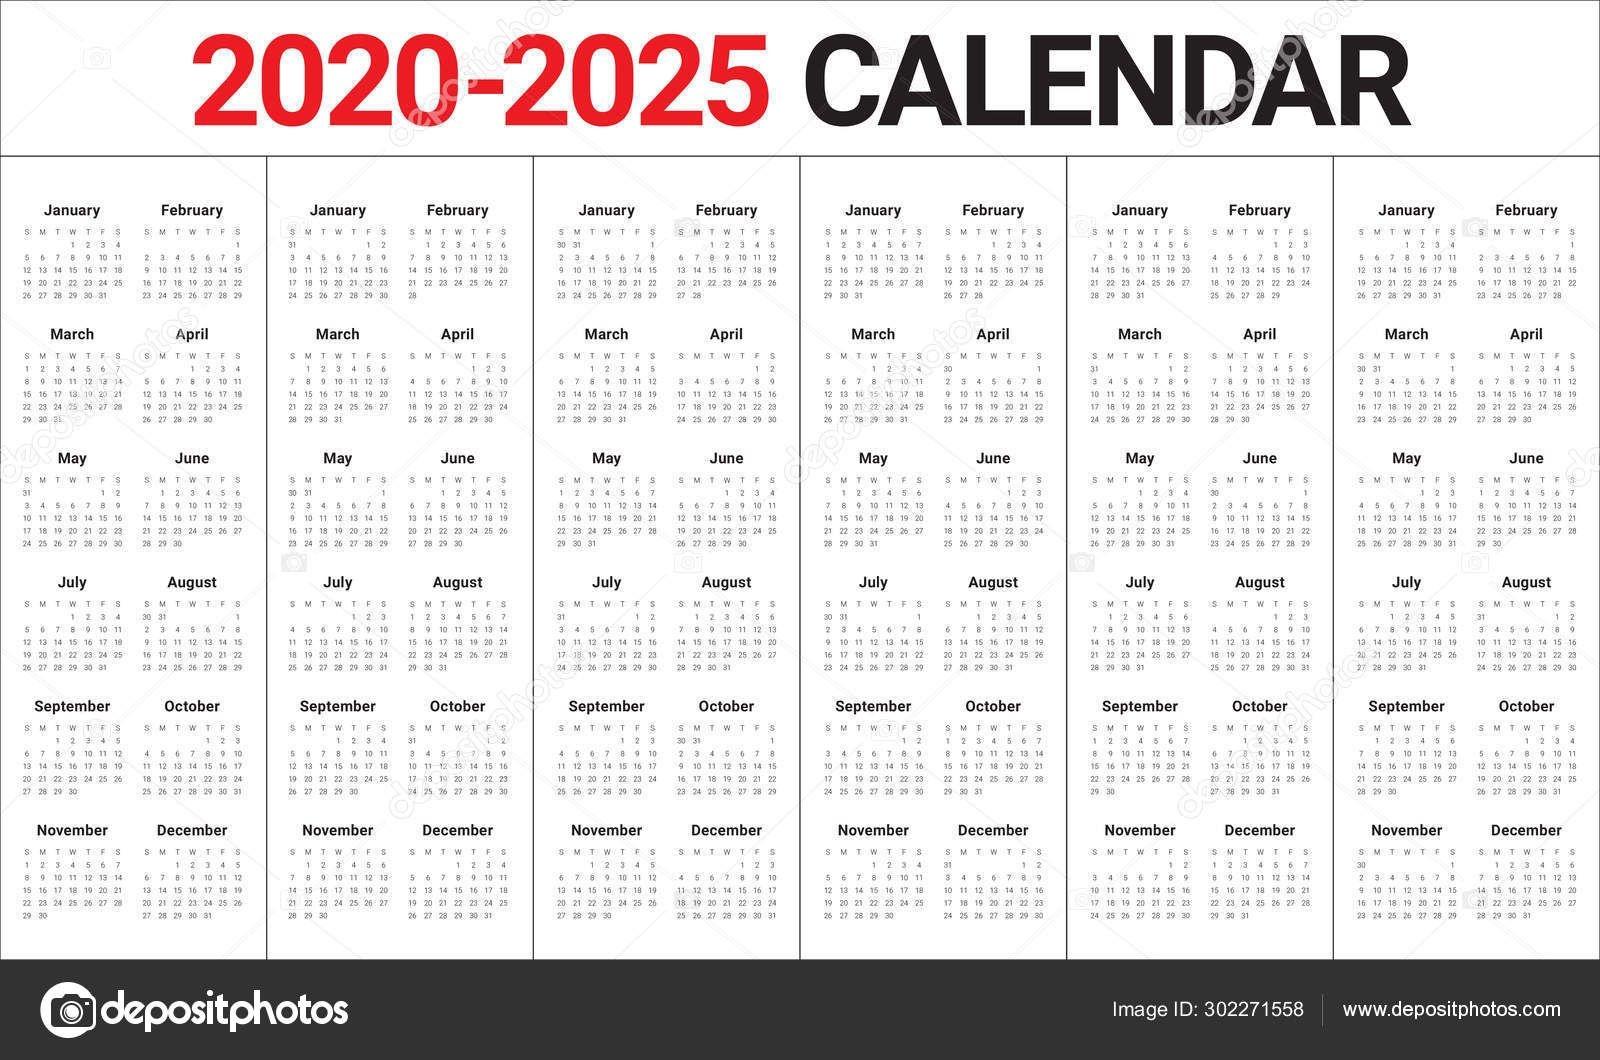 Year 2020 2021 2022 2023 2024 2025 Calendar Vector Design Templa 302271558